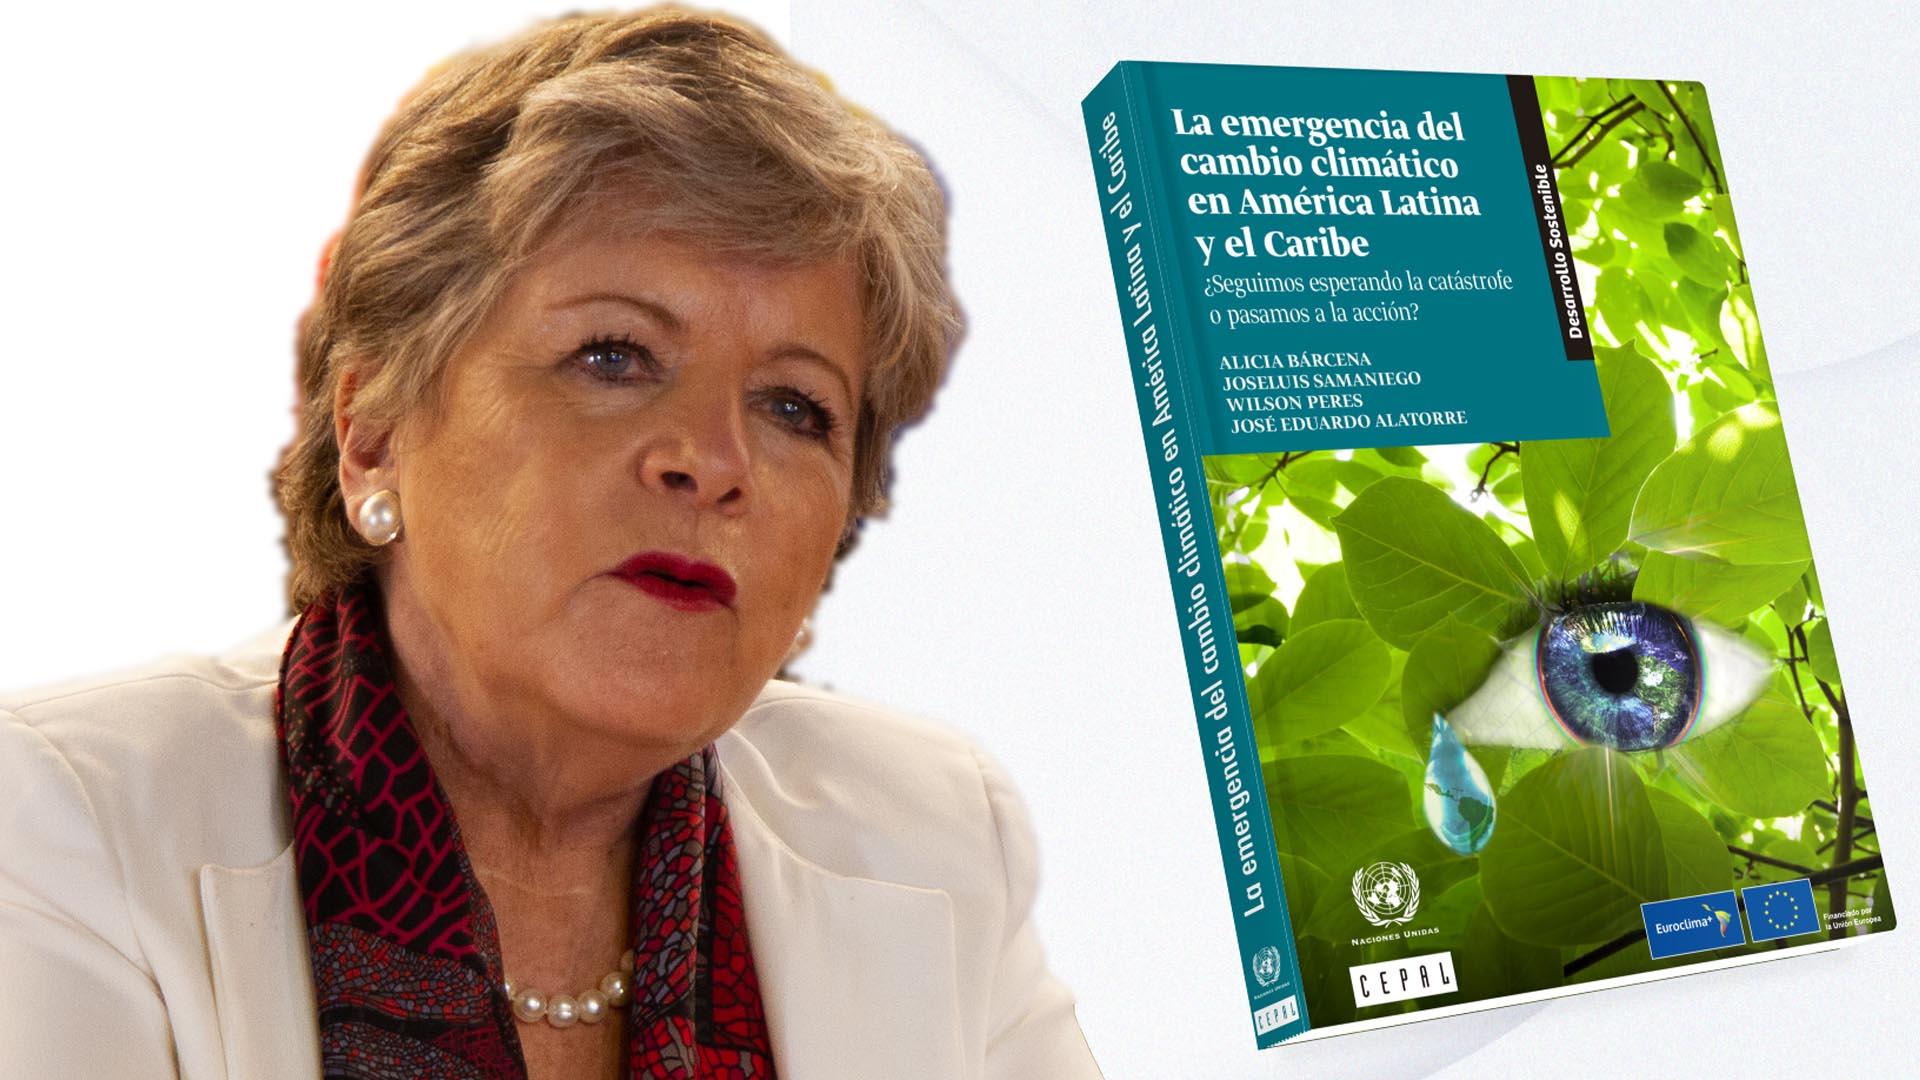 Imagen de Alicia Bárcena, Secretaria Ejecutiva de la #CEPAL y la portada del documento.